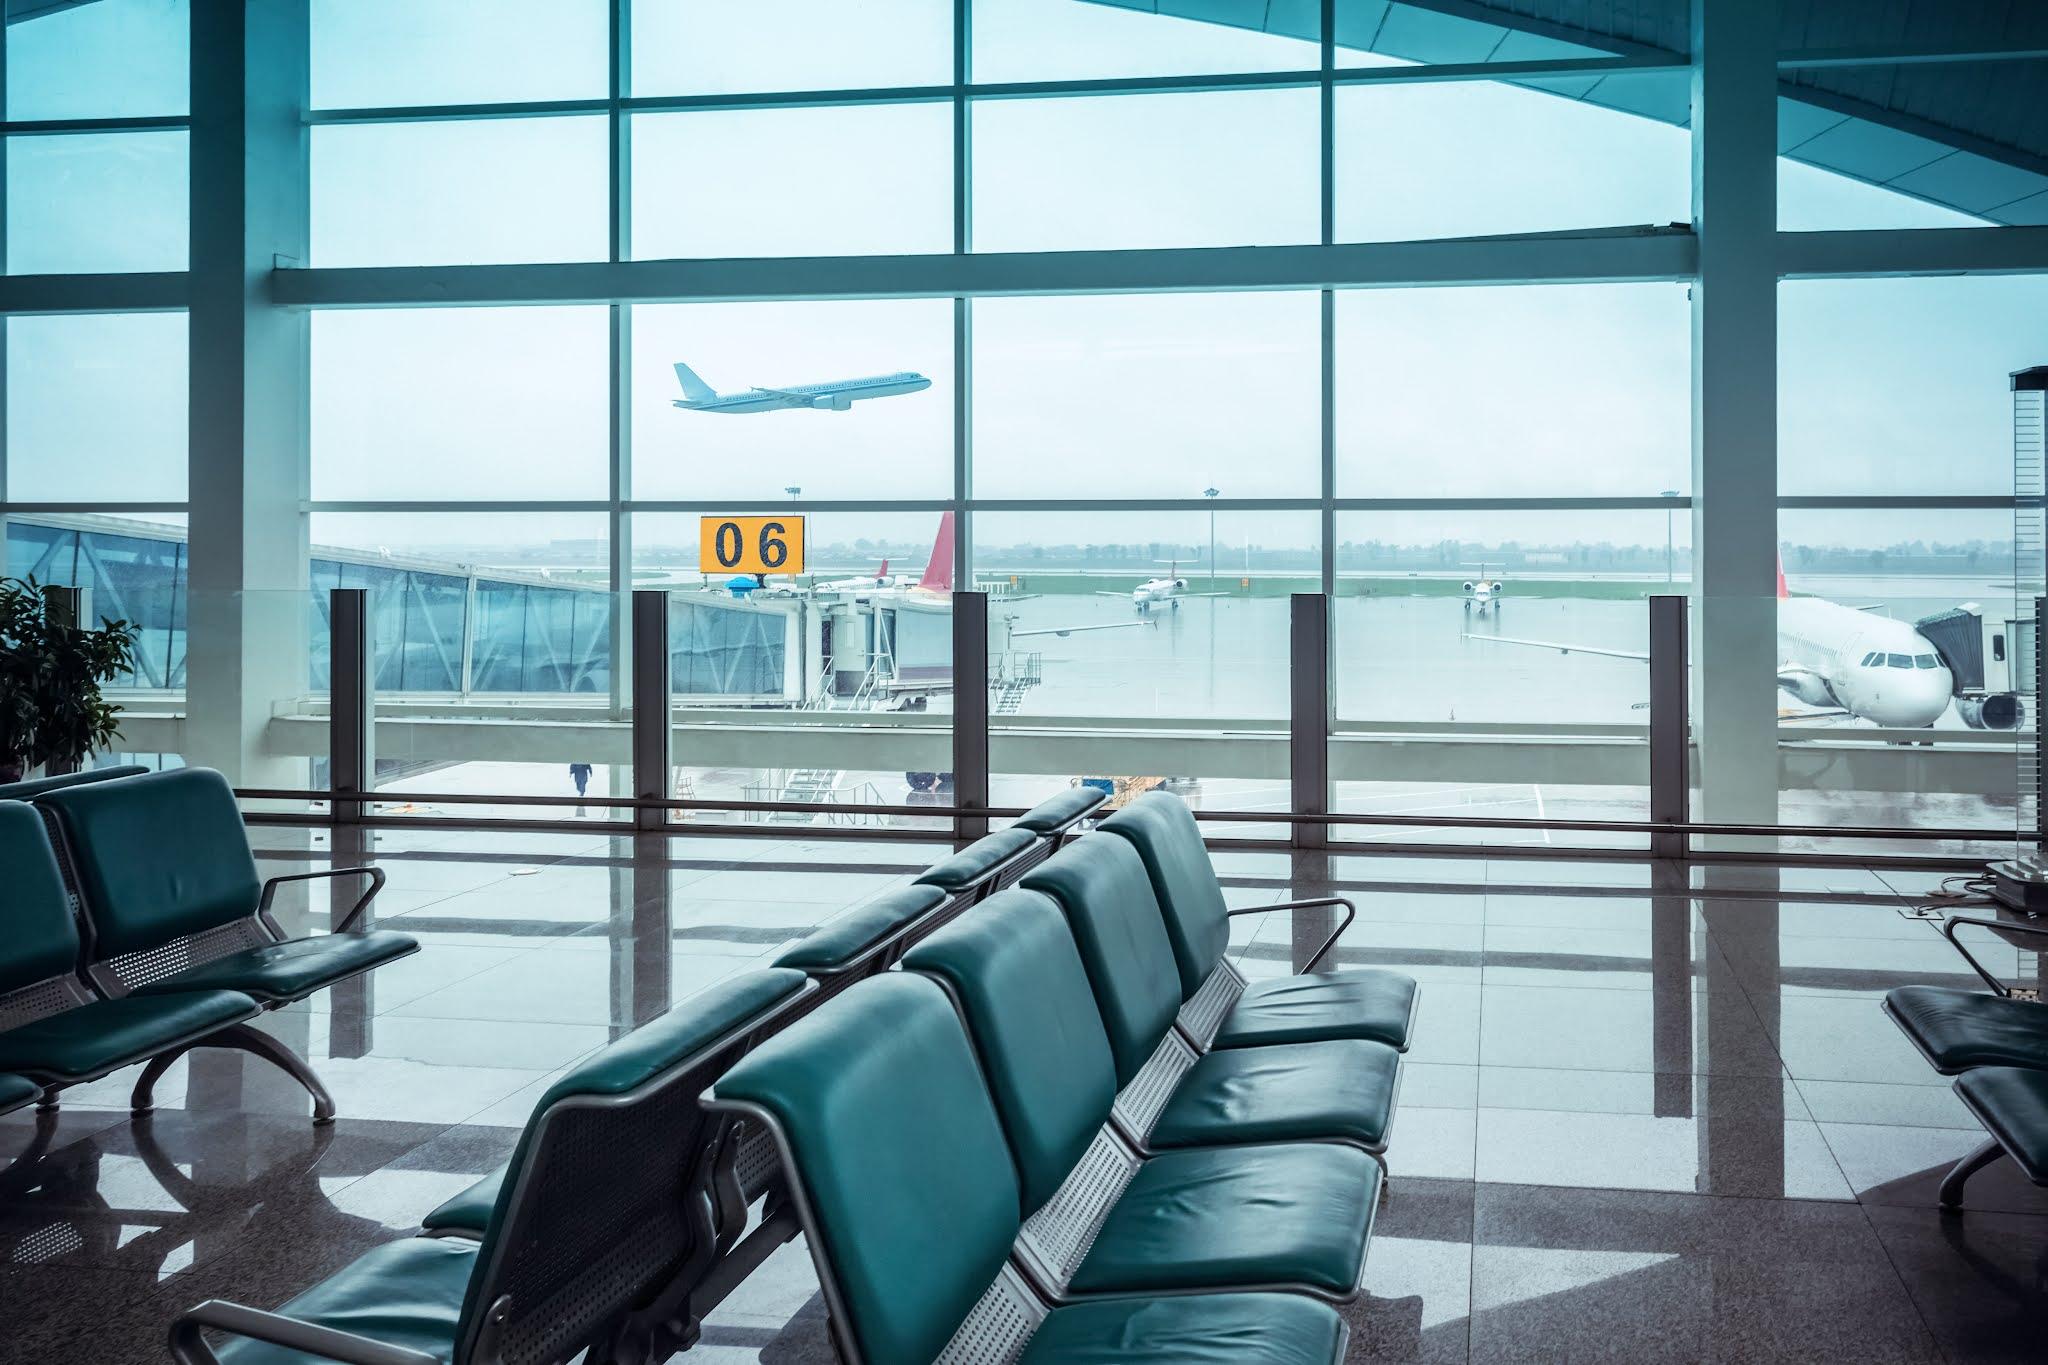 الاتحاد للطيران Etihad يقدم خدمات تسهيل إجراءات السفر